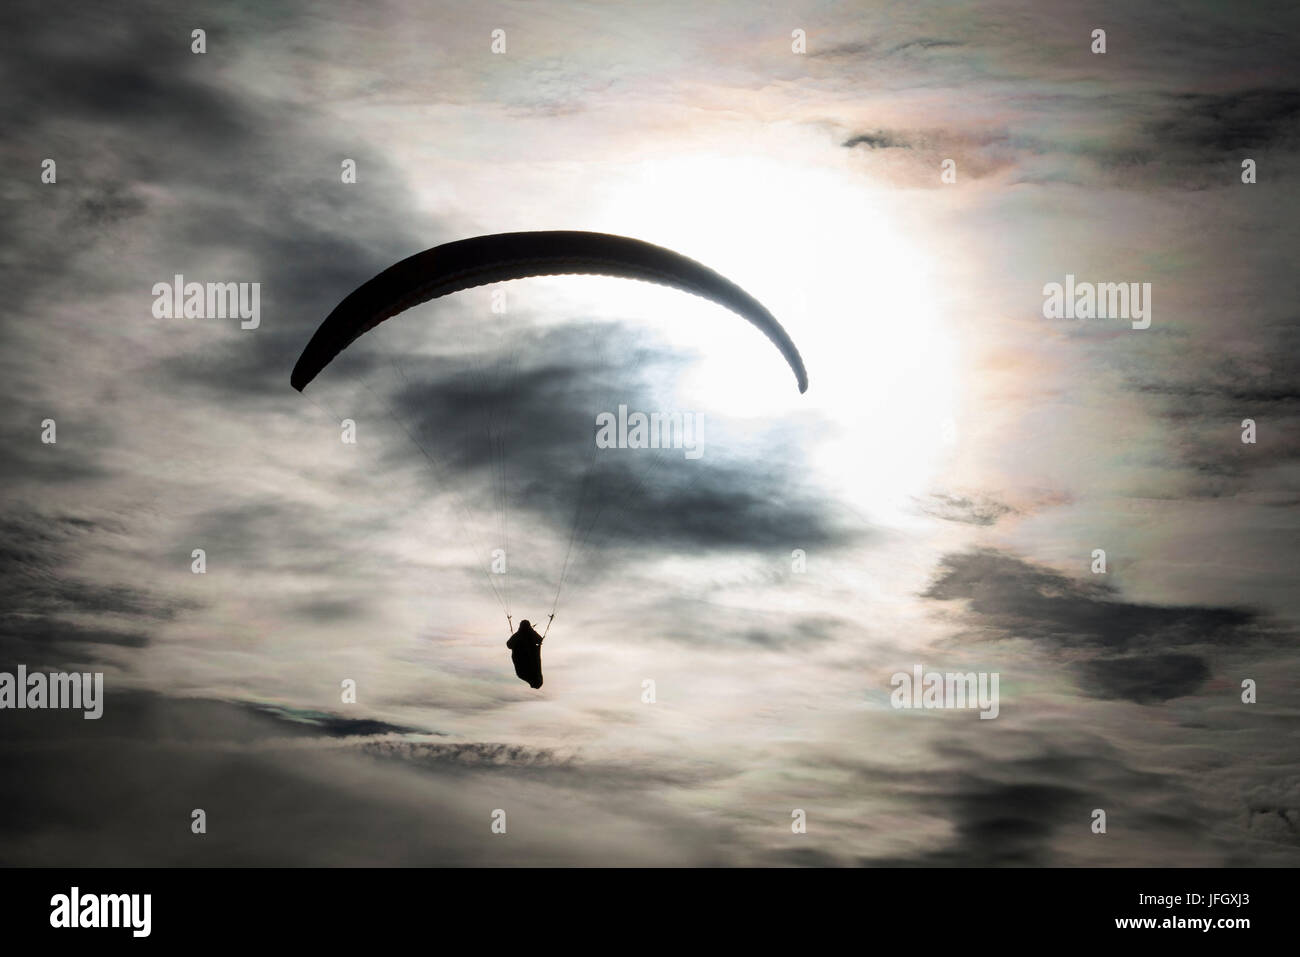 Parapente en el cielo atmosférico, fotografía aérea, el sol, Bassano, Monte Grappa, Veneto, Italia Foto de stock